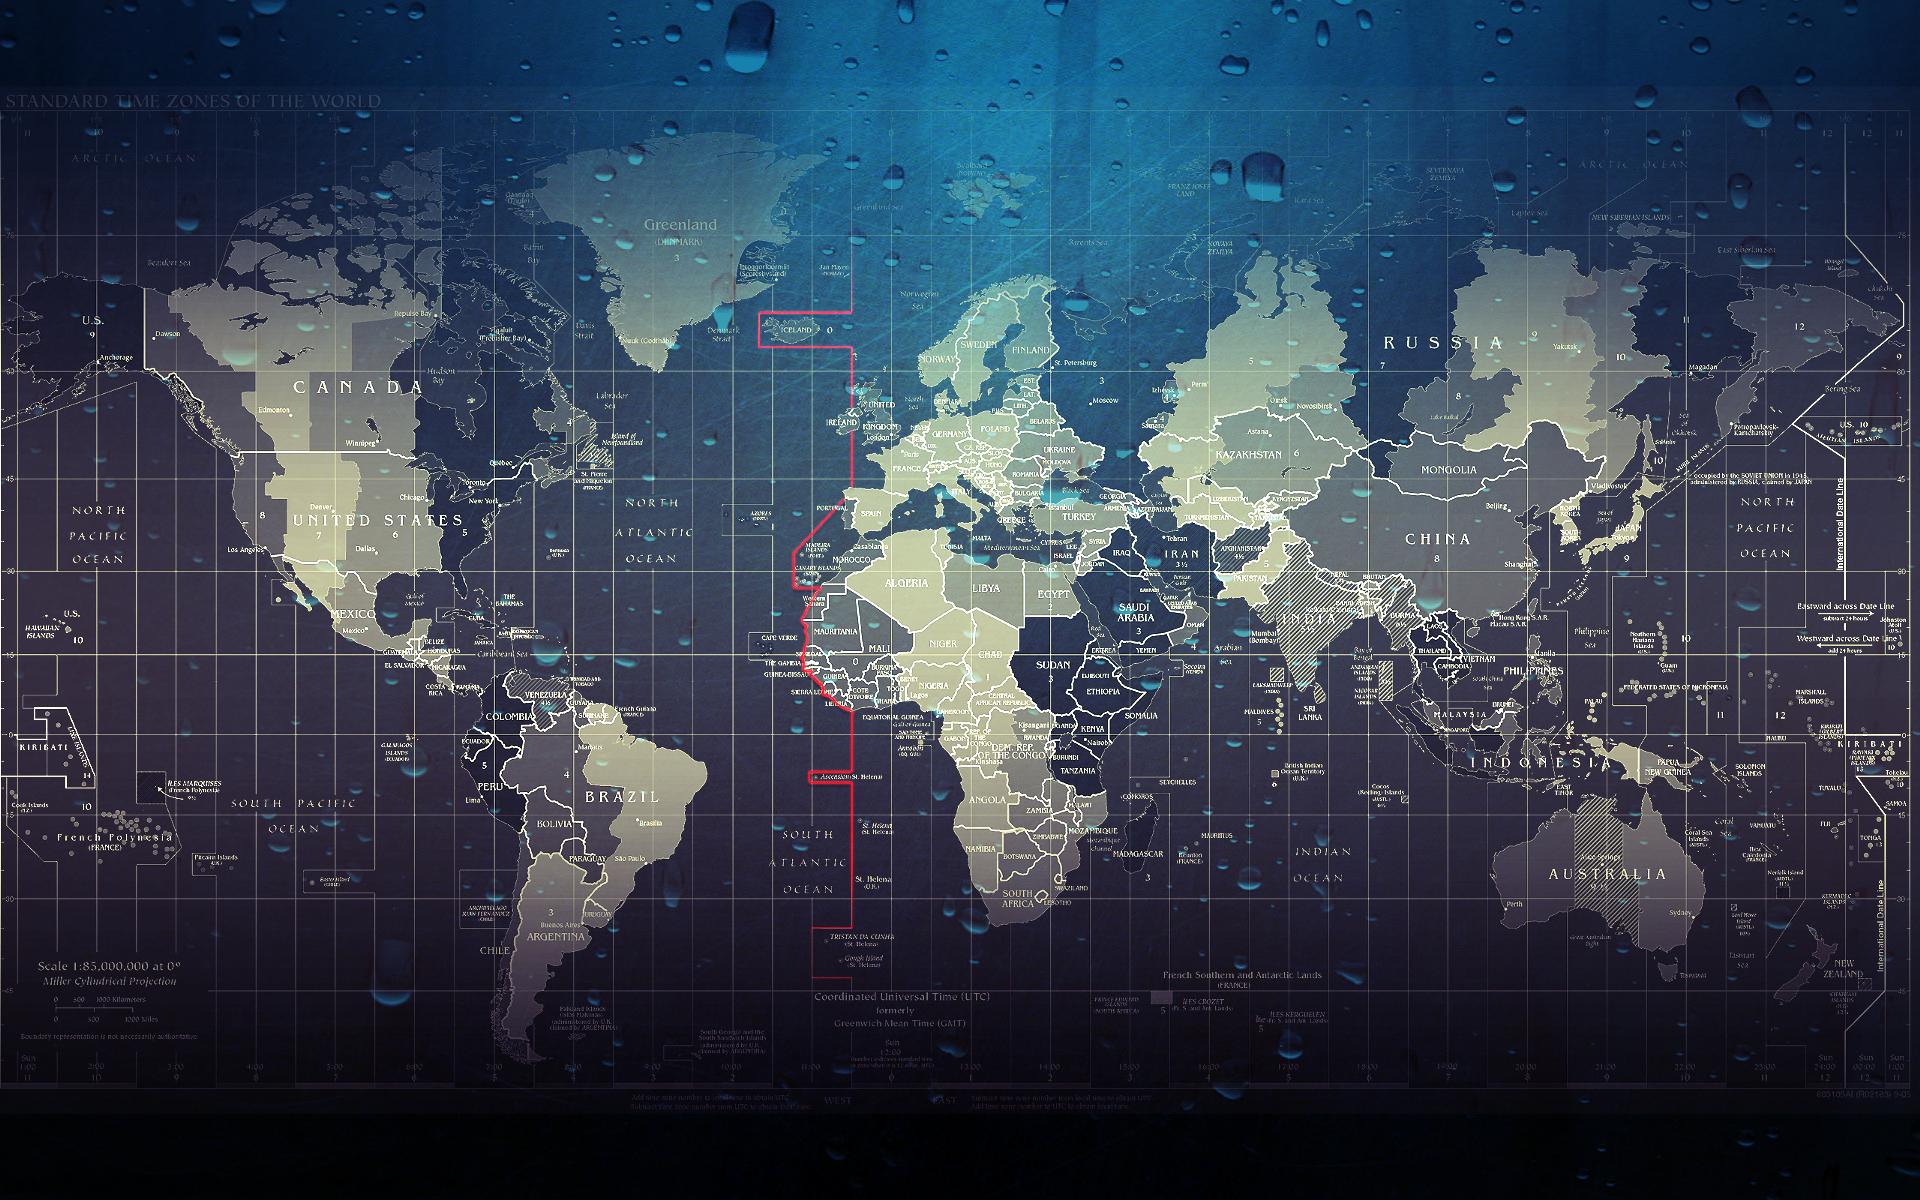 Wet maps water drops world map wallpaper 1920x1200 8755 1920x1200